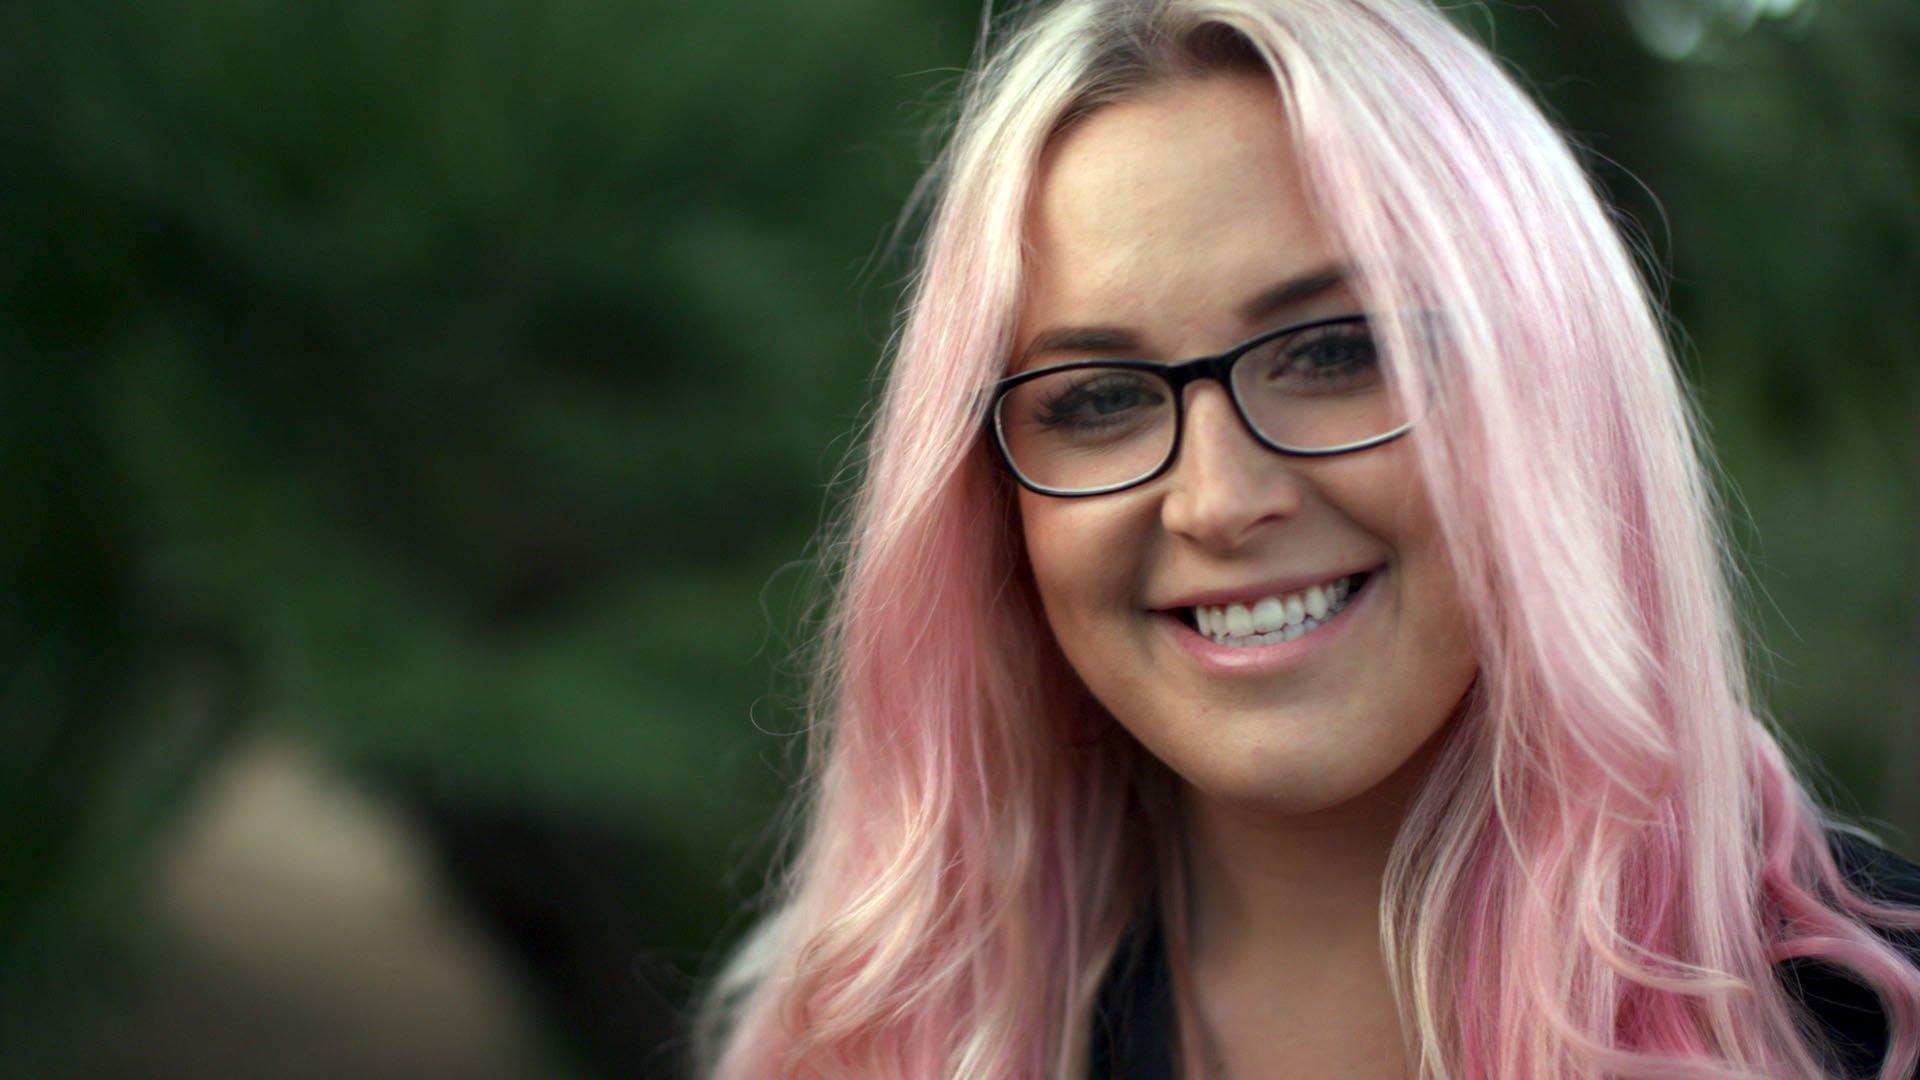 Louise porno Klædt af TV 2